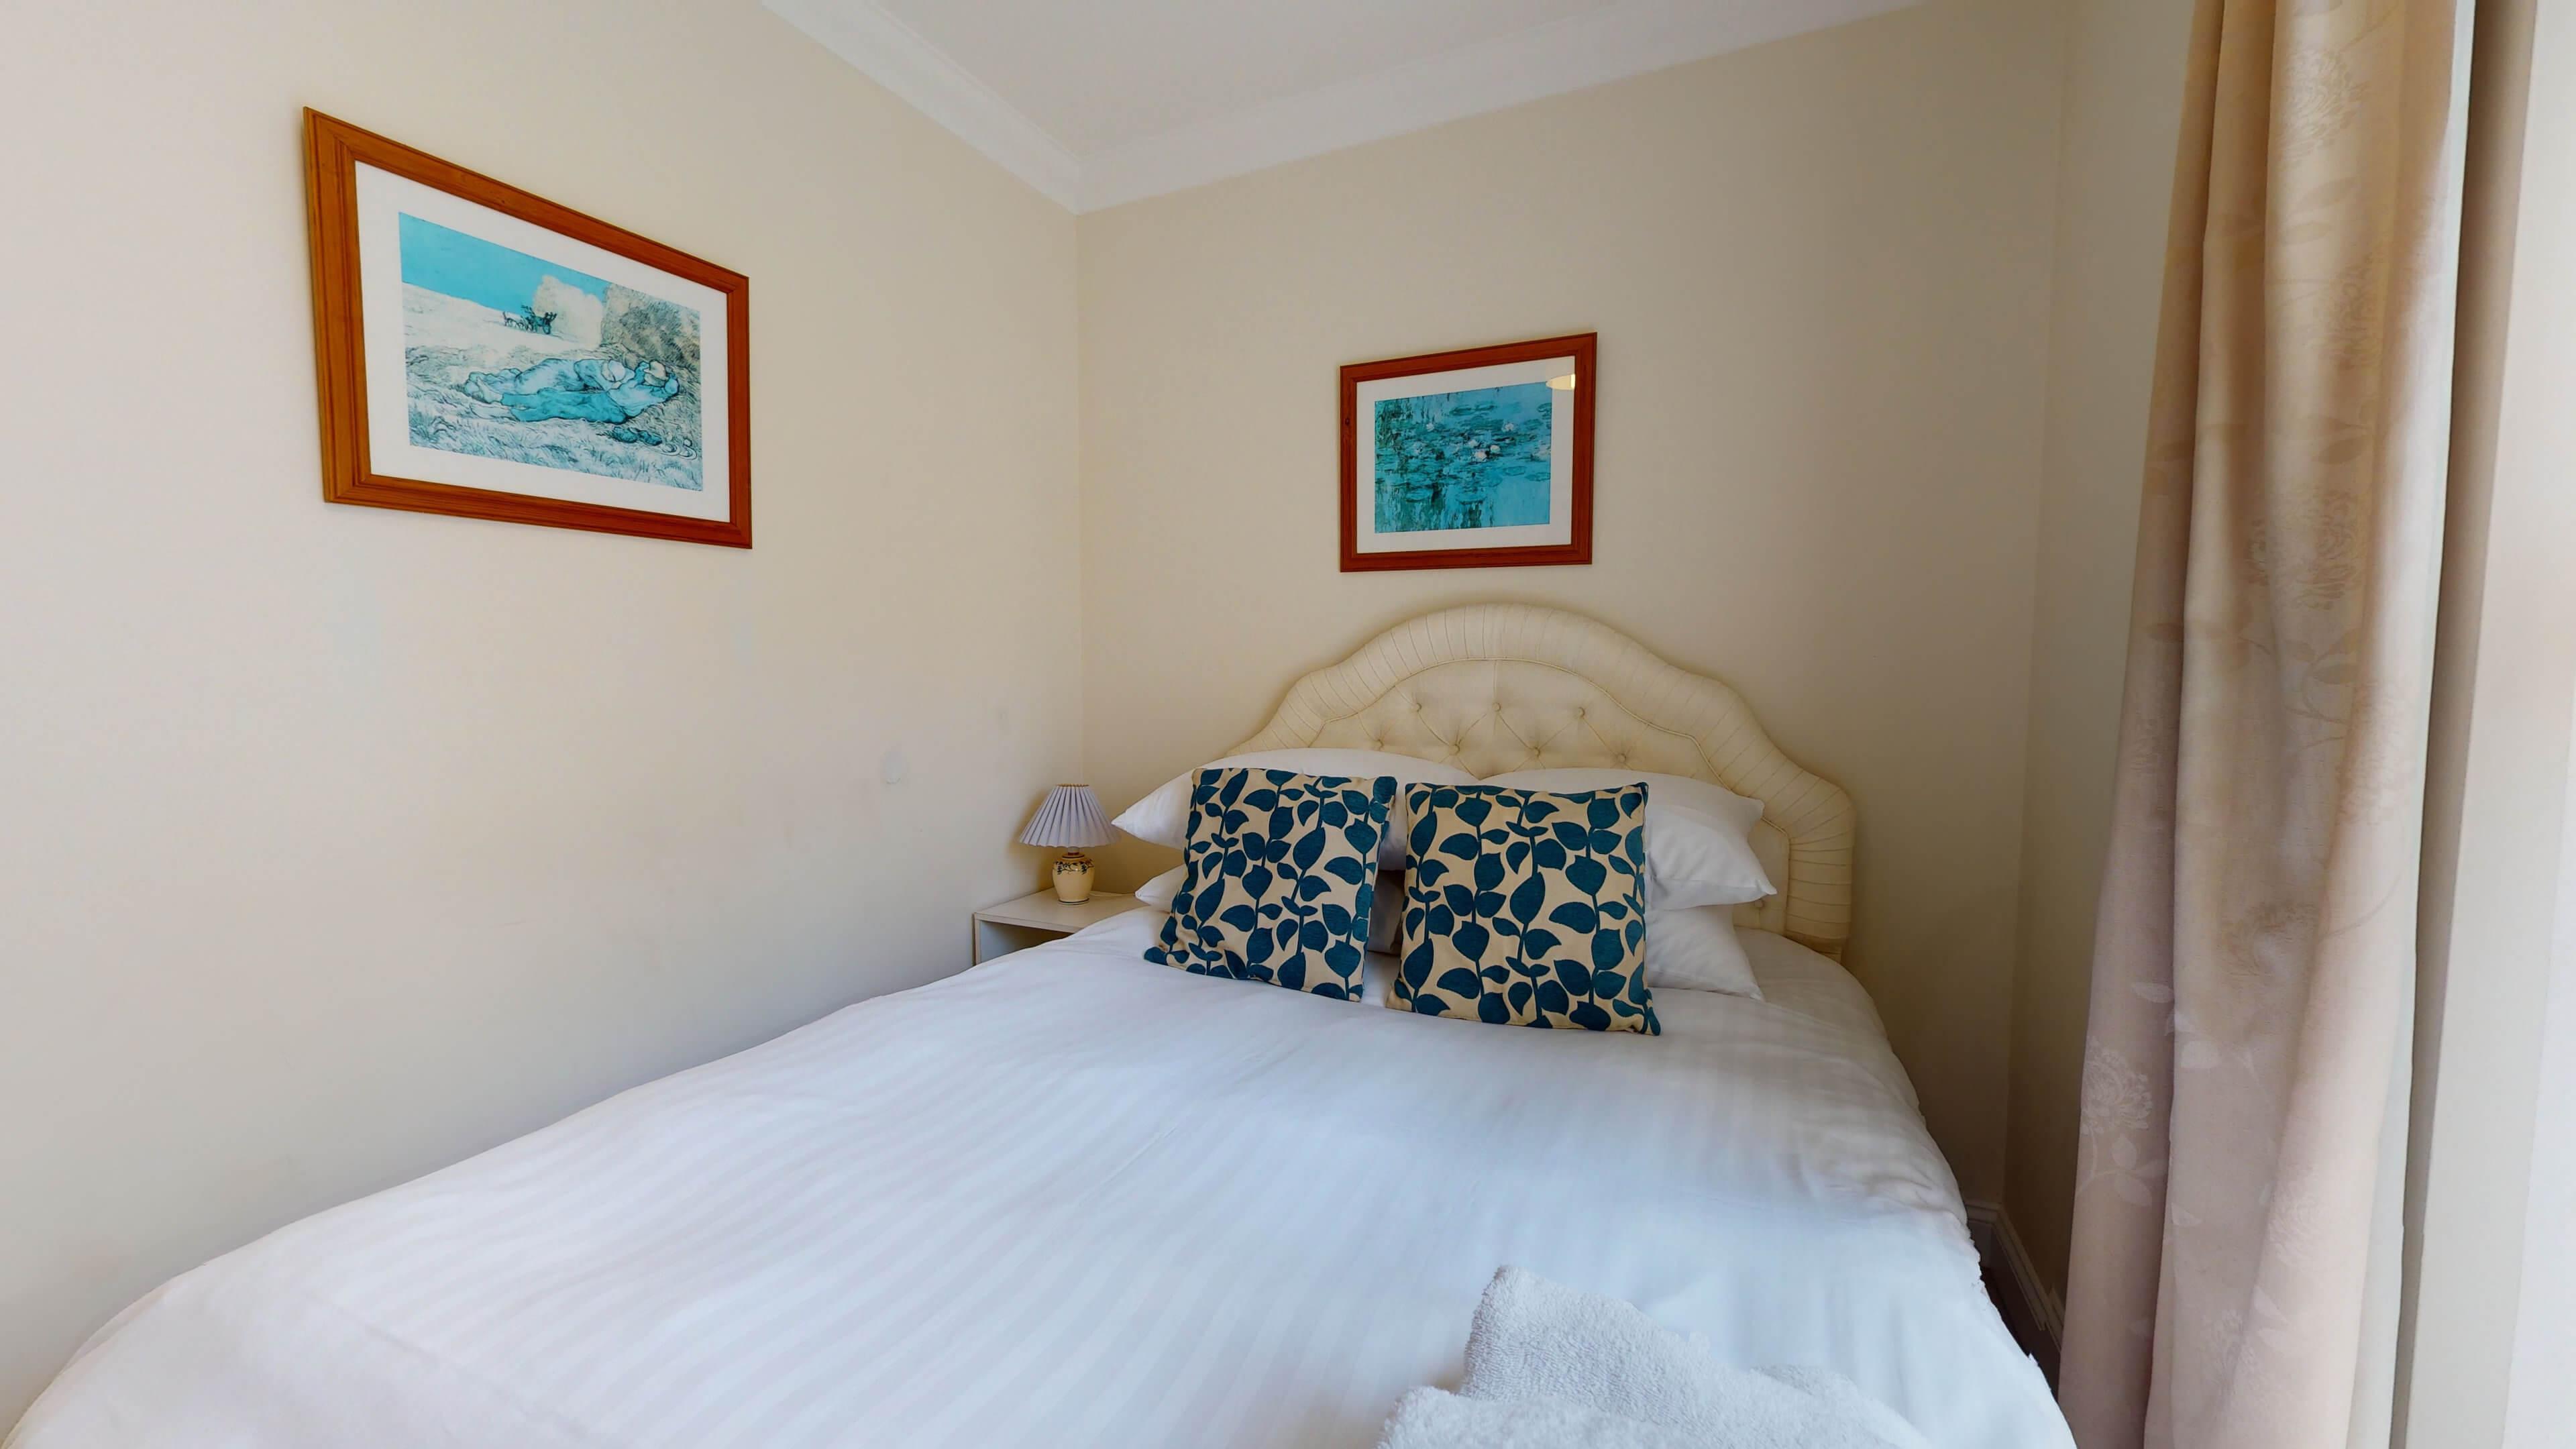 Rewley Road Oxford 2 Bed Rewley Road Bedroom One 3